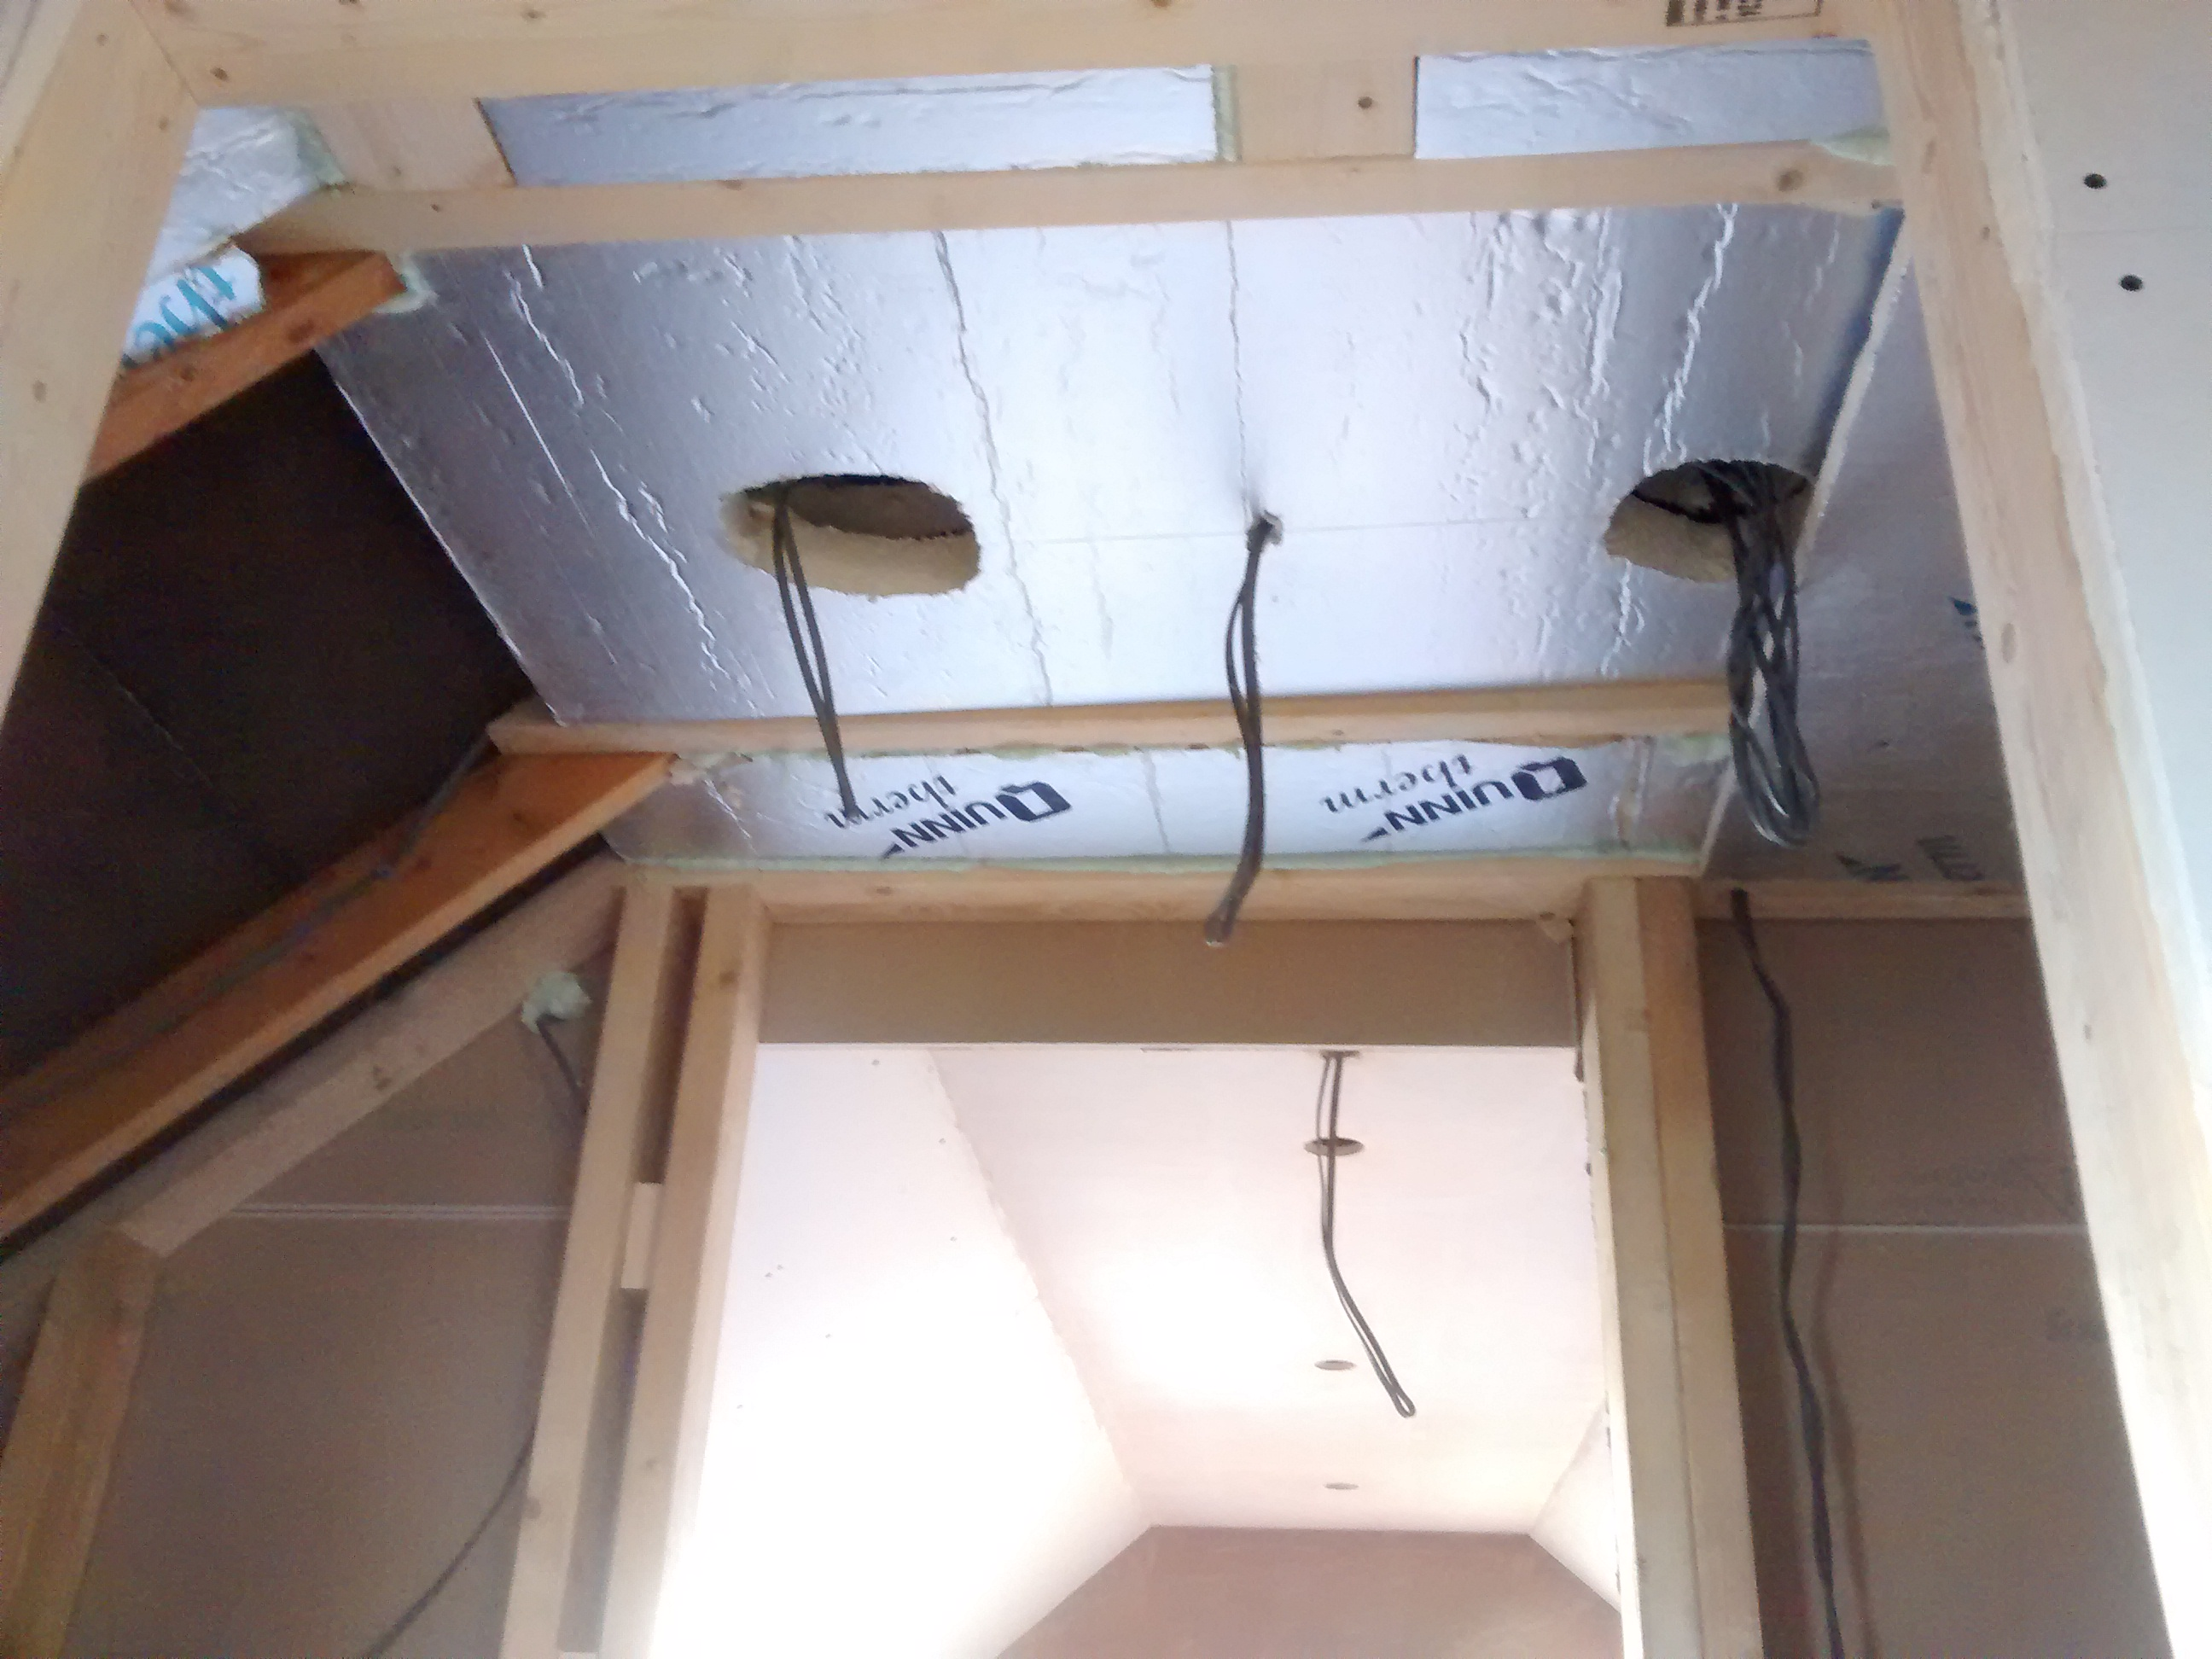 electrics for lights and smoke alarms